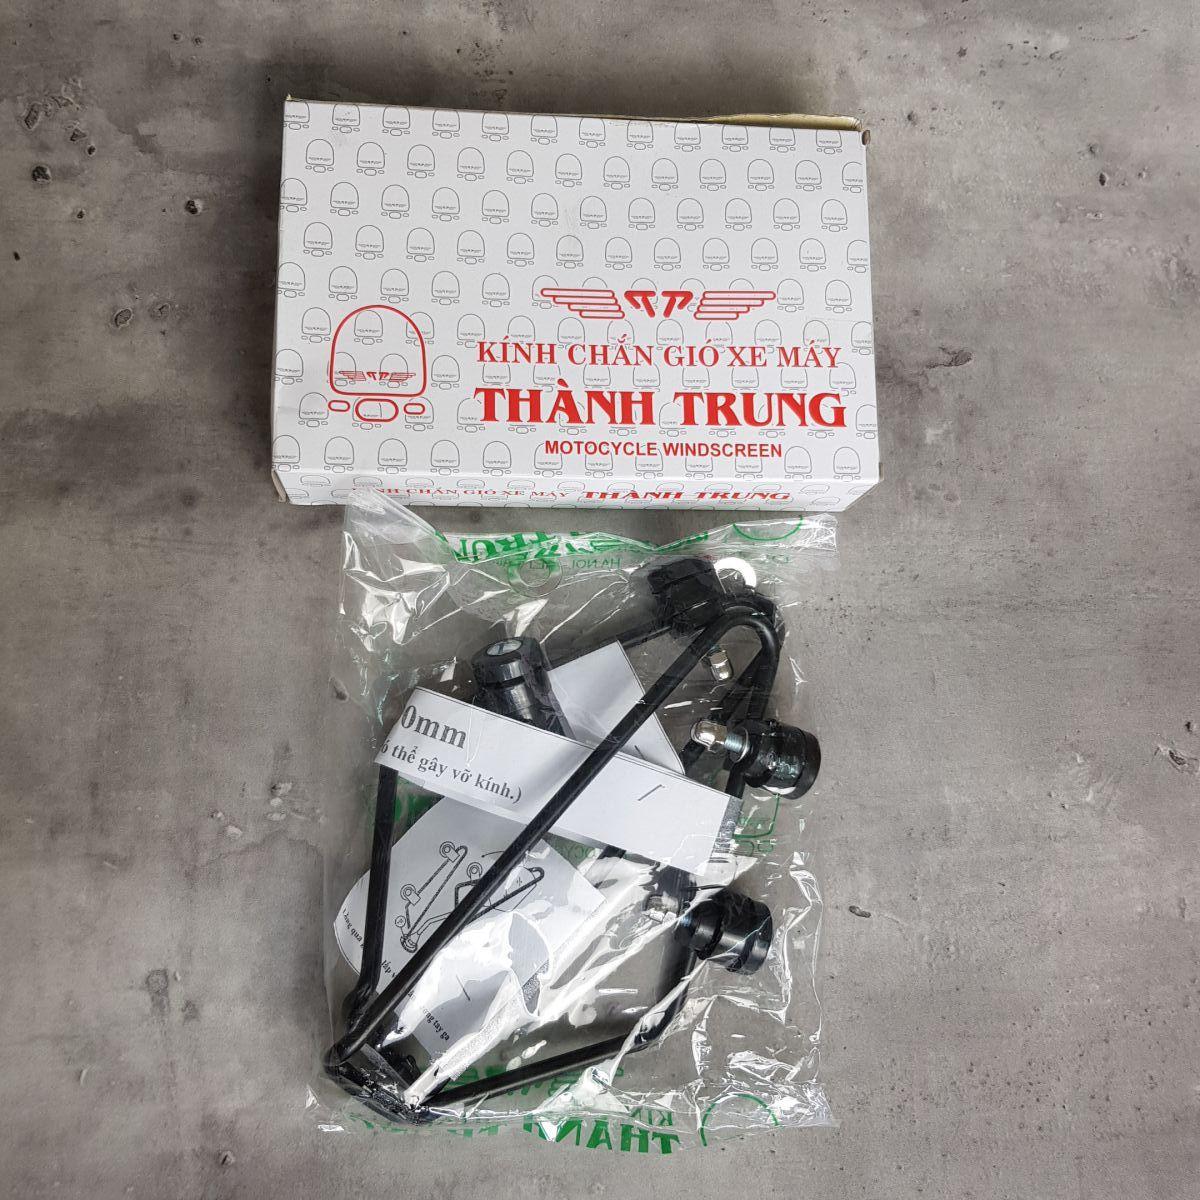 Kinh-chan-gio-xe-may-Vision-thuong-hieu-Thanh-Trung-9